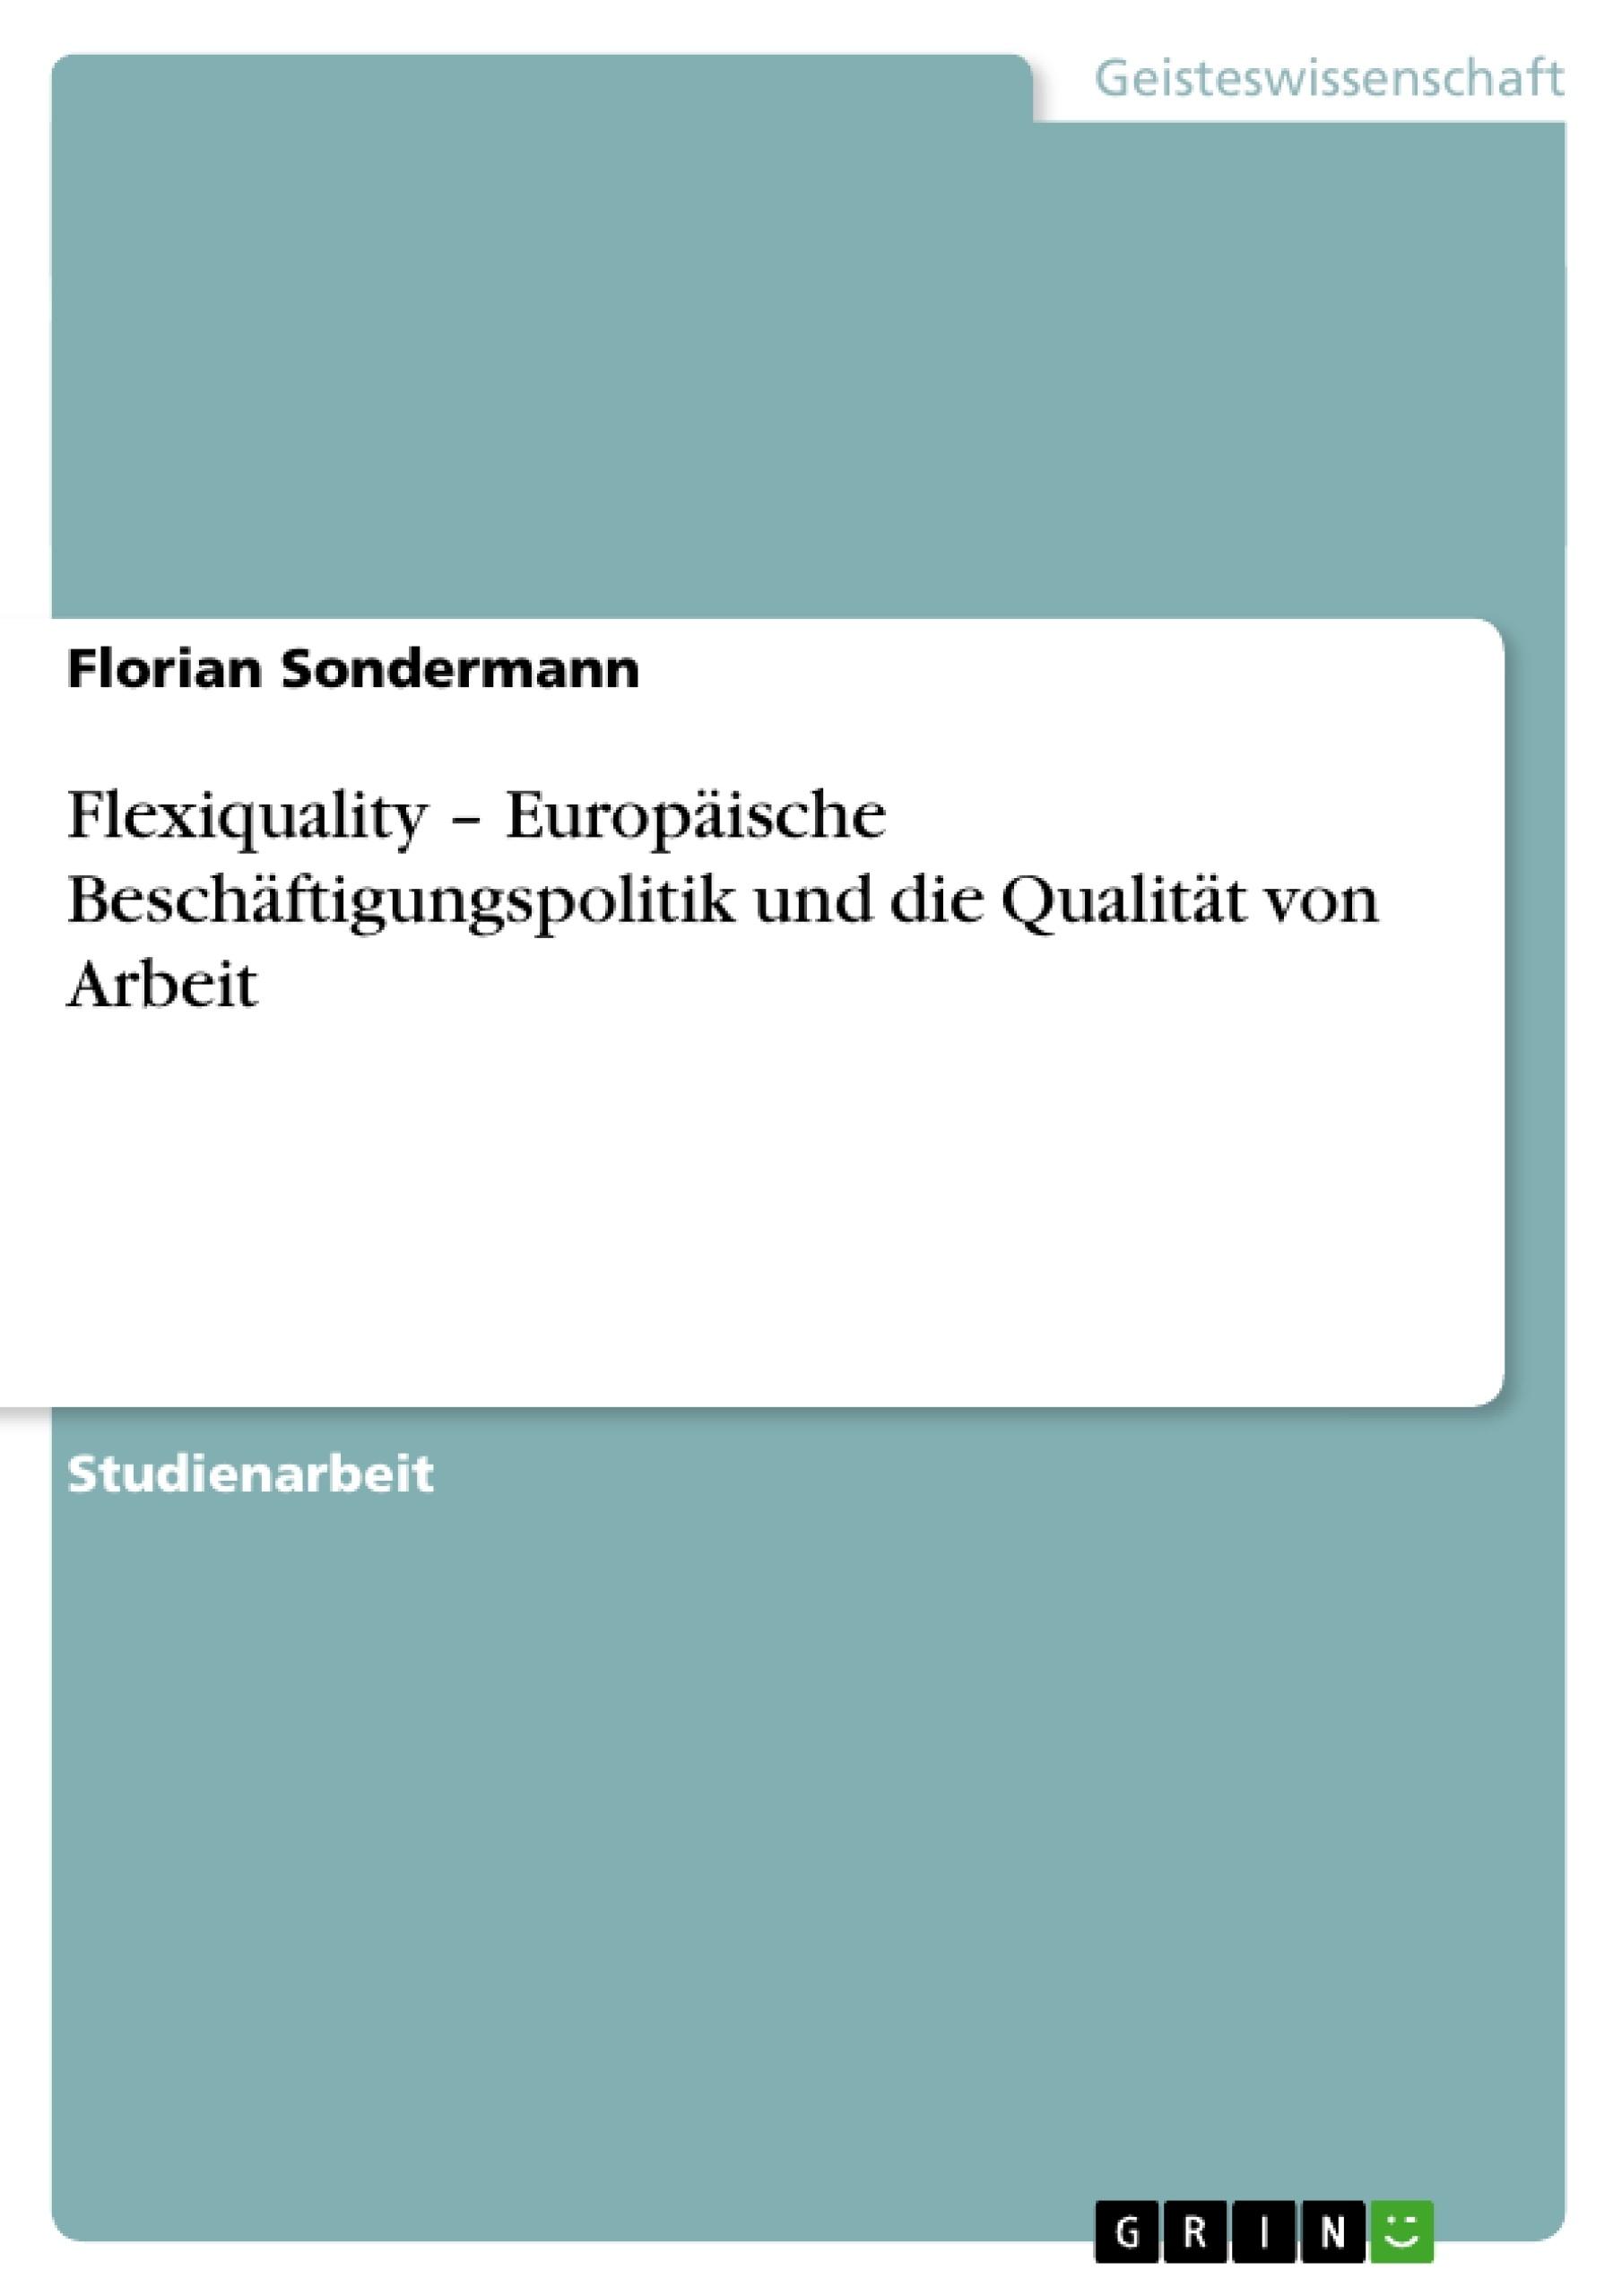 Titel: Flexiquality – Europäische Beschäftigungspolitik und die Qualität von Arbeit